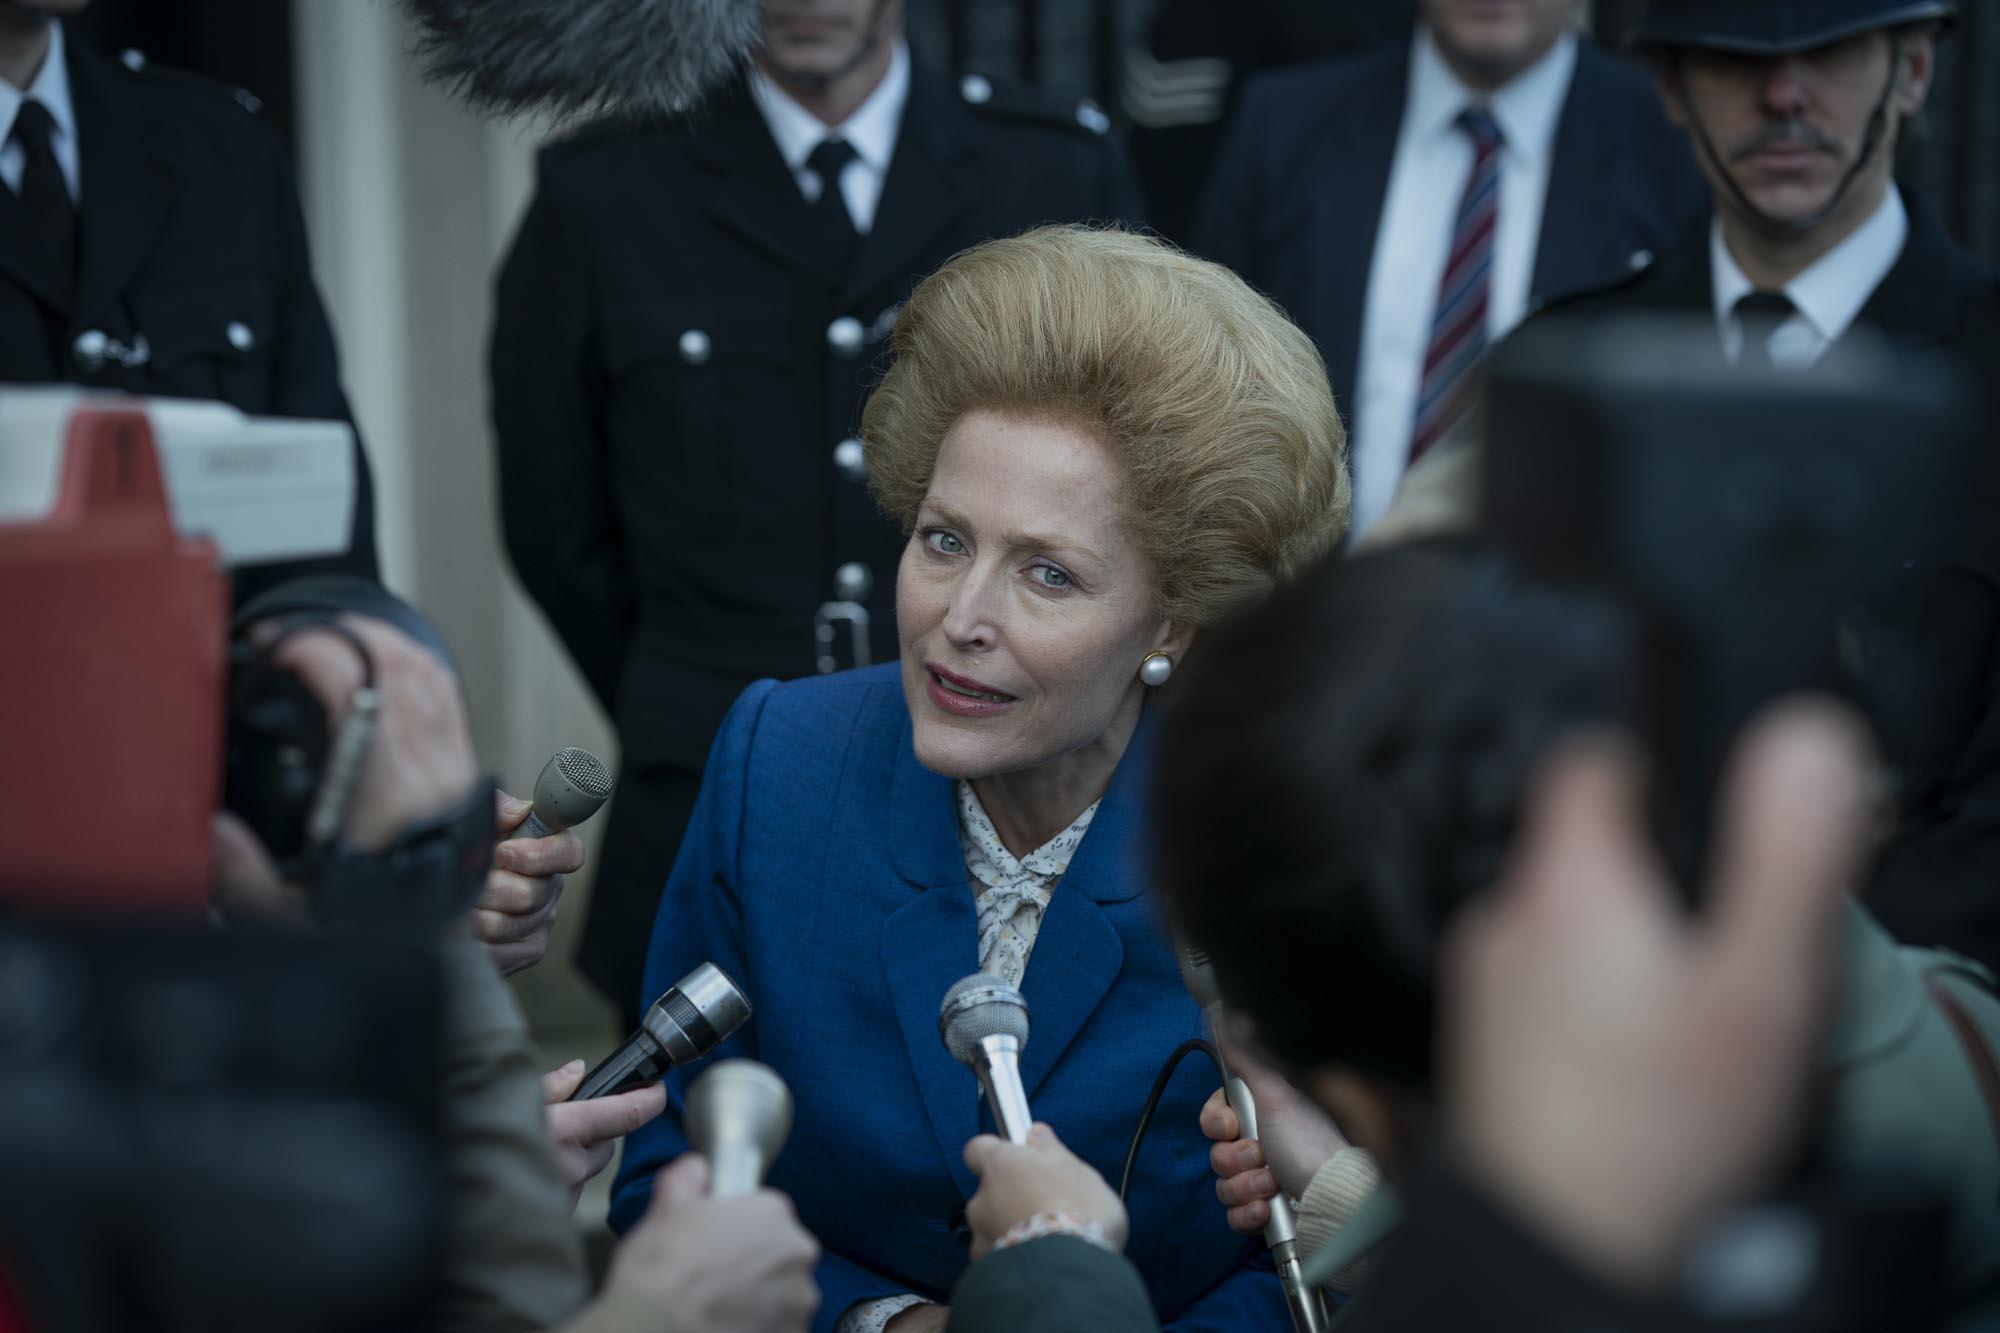 Η Τζίλιαν Άντερσον στον ρόλο της Μάργκαρετ Θάτσερ στο The Crown